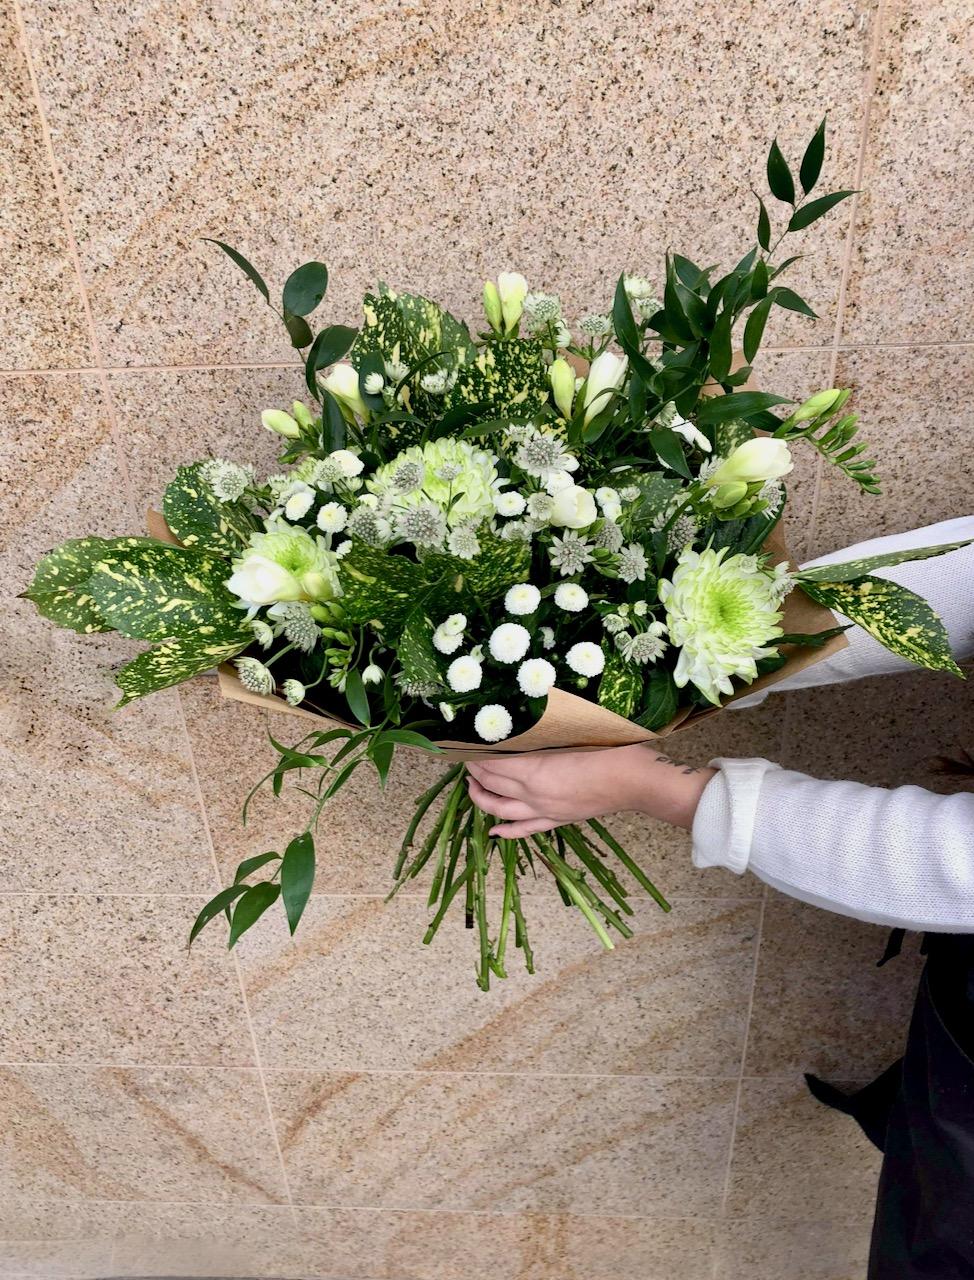 Zelená kytice čerstvých květin